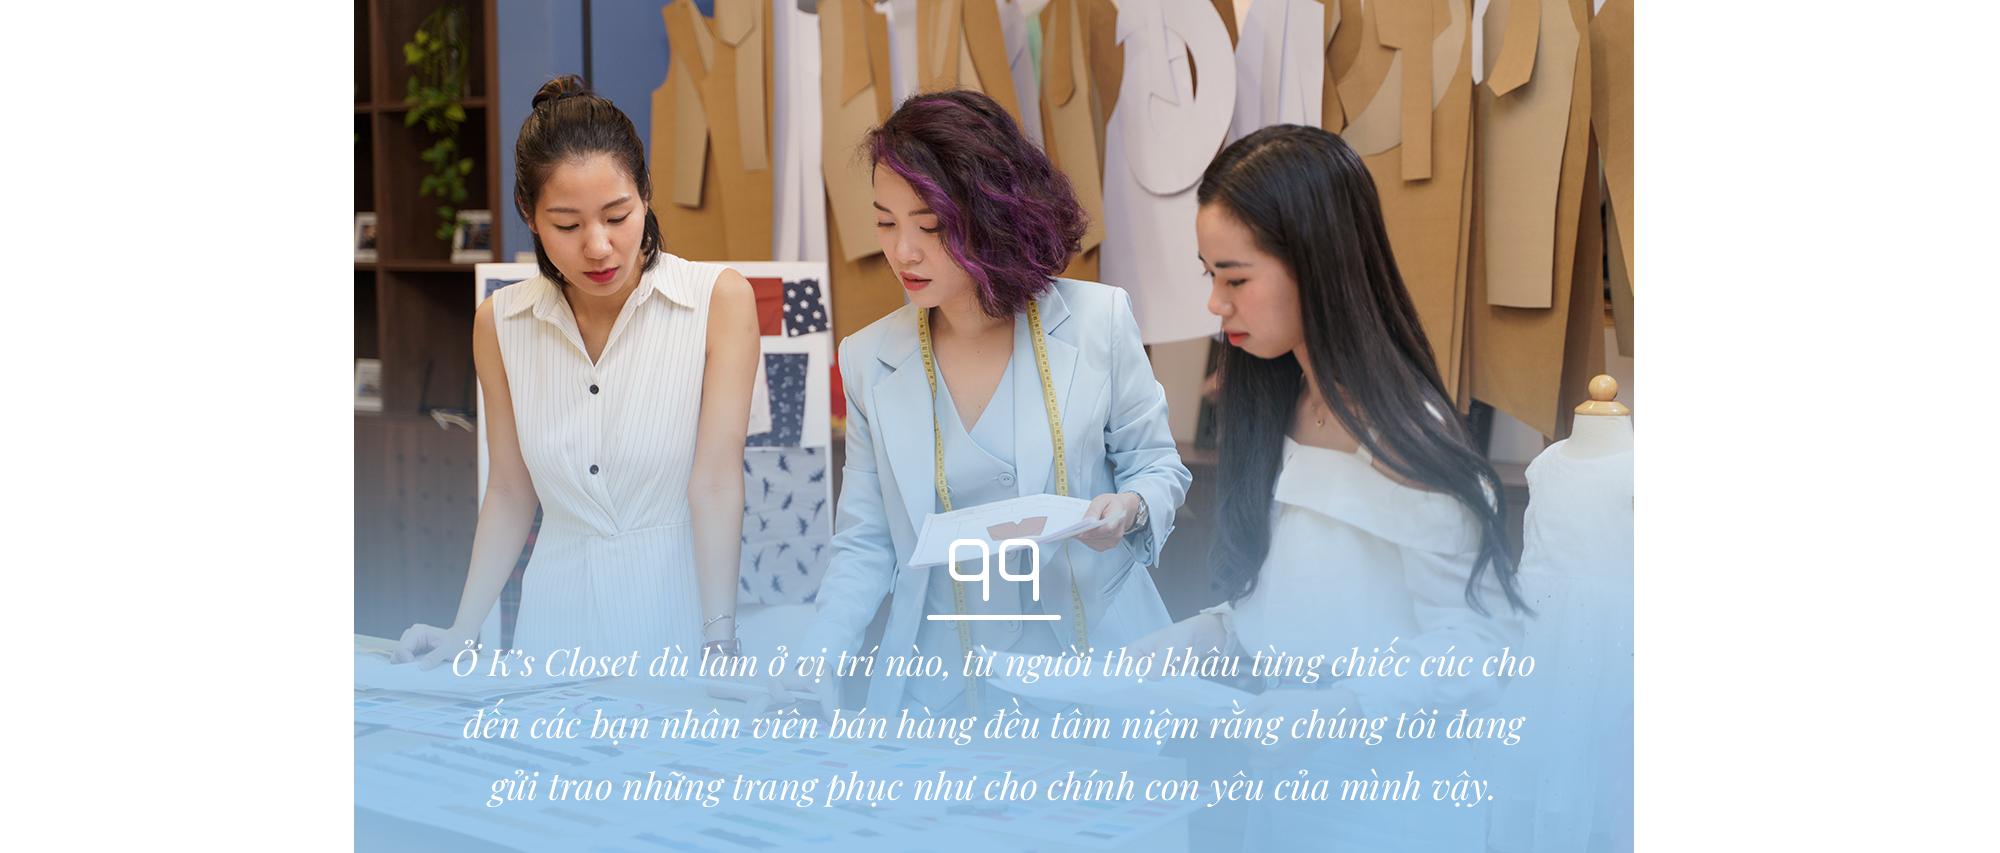 Ks Closet: Giấc mơ xây dựng thương hiệu thời trang trẻ em hàng đầu Việt Nam - 8